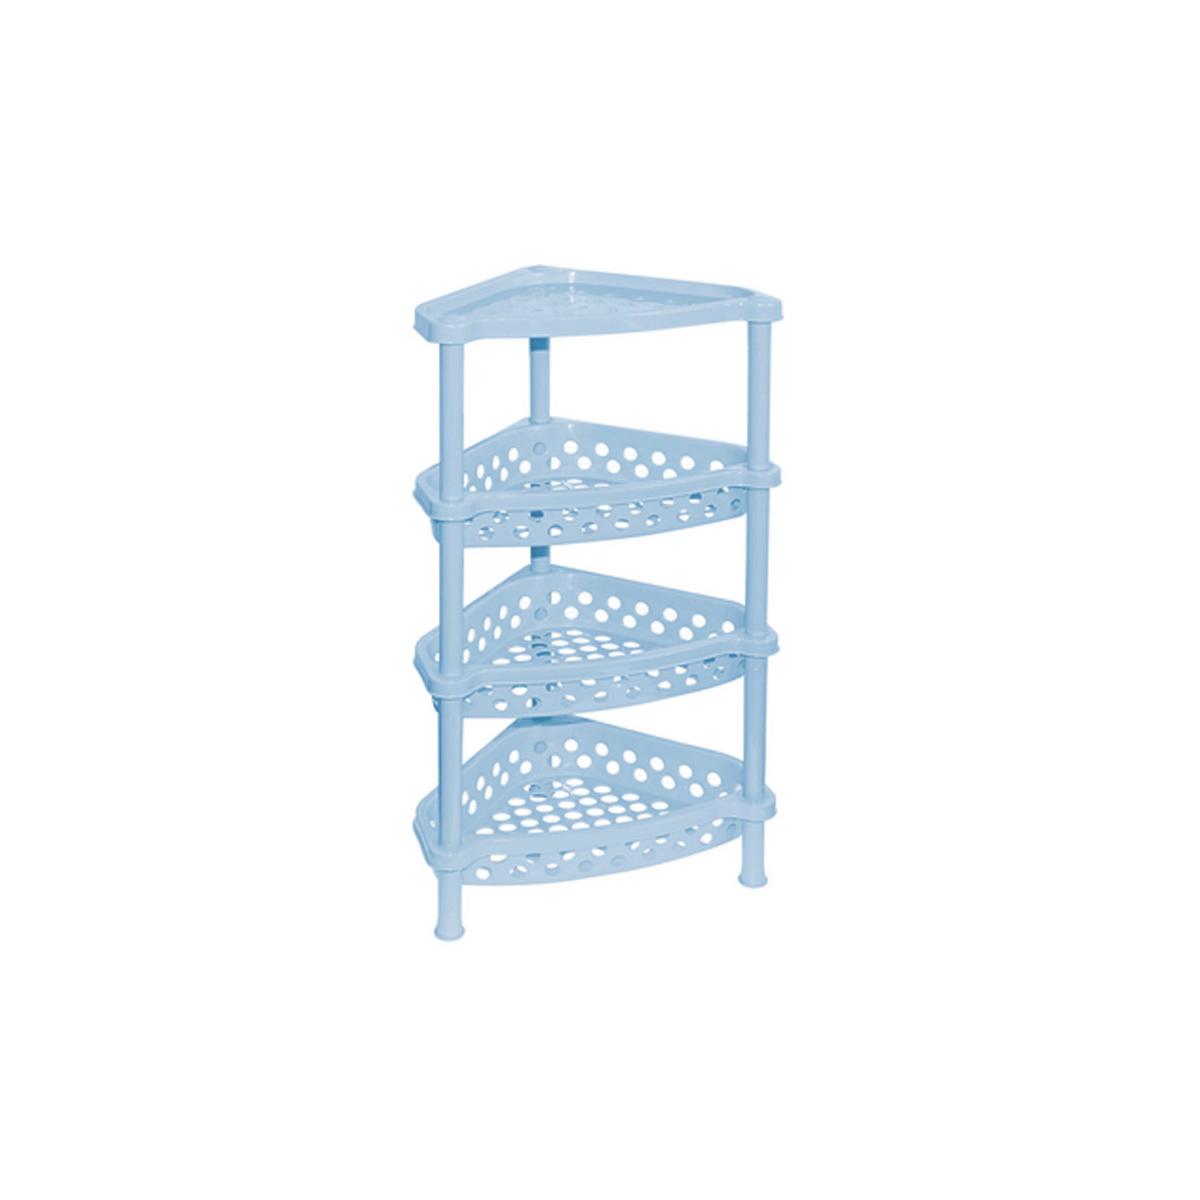 Этажерка угловая Violet, 4-х секционная, цвет: голубой, 37 х 28 х 73 см1604/3Этажерка Violet выполнена из высококачественного прочного пластика и предназначена для хранения различных предметов. Изделие имеет 4 полки треугольной формы с перфорированными стенками. В ванной комнате вы можете использовать этажерку для хранения шампуней, гелей, жидкого мыла, стиральных порошков, полотенец и т.д. Ручной инструмент и детали в вашем гараже всегда будут под рукой. Удобно ставить банки с краской, бутылки с растворителем. В гостиной этажерка позволит удобно хранить под рукой книги, журналы, газеты. С помощью этажерки также легко навести порядок в детской, она позволит удобно и компактно хранить игрушки, письменные принадлежности и учебники. Этажерка - это идеальное решение для любого помещения. Она поможет поддерживать чистоту, компактно организовать пространство и хранить вещи в порядке, а стильный дизайн сделает этажерку ярким украшением интерьера.Размер этажерки (ДхШхВ): 37 см х 28 см х 73 см. Размер полки (ДхШхВ): 37 см х 28 см х 7,5 см.